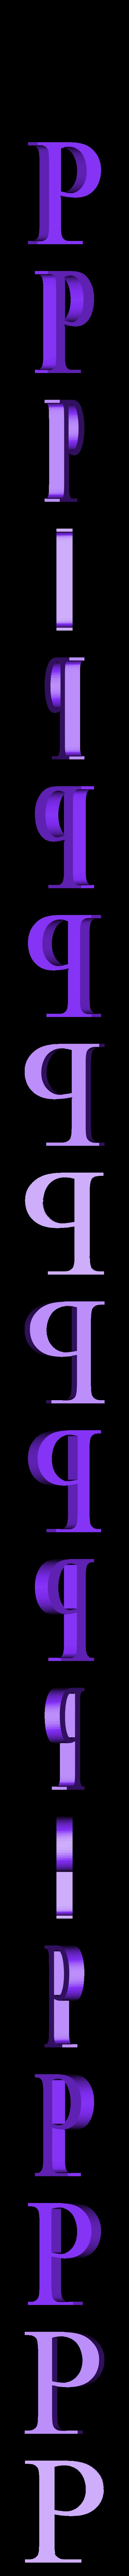 P.STL Télécharger fichier STL gratuit alphabet • Modèle pour imprimante 3D, Cerega